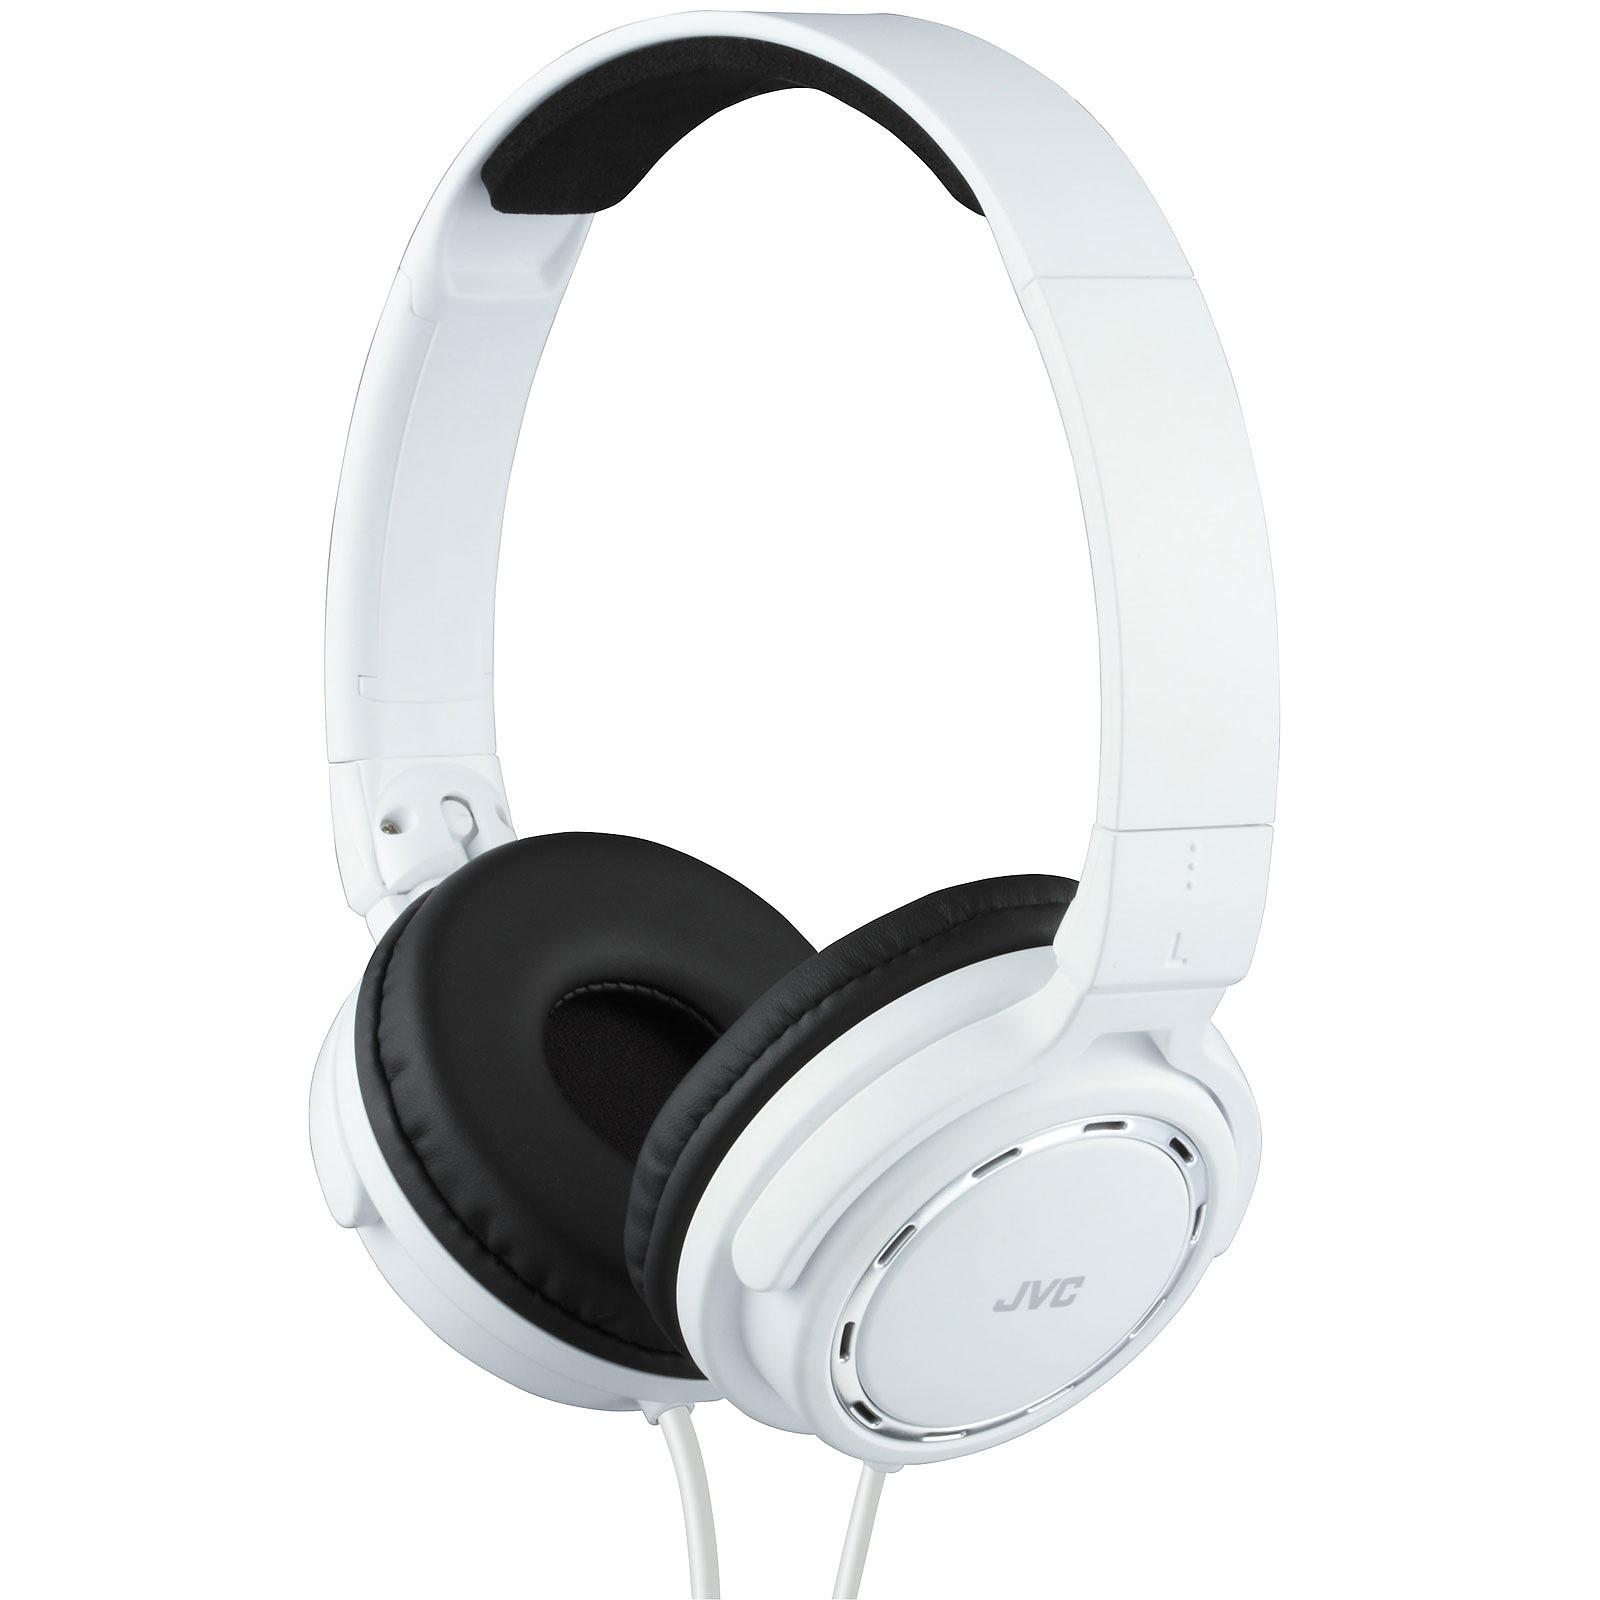 JVC HA-S520 Blanc